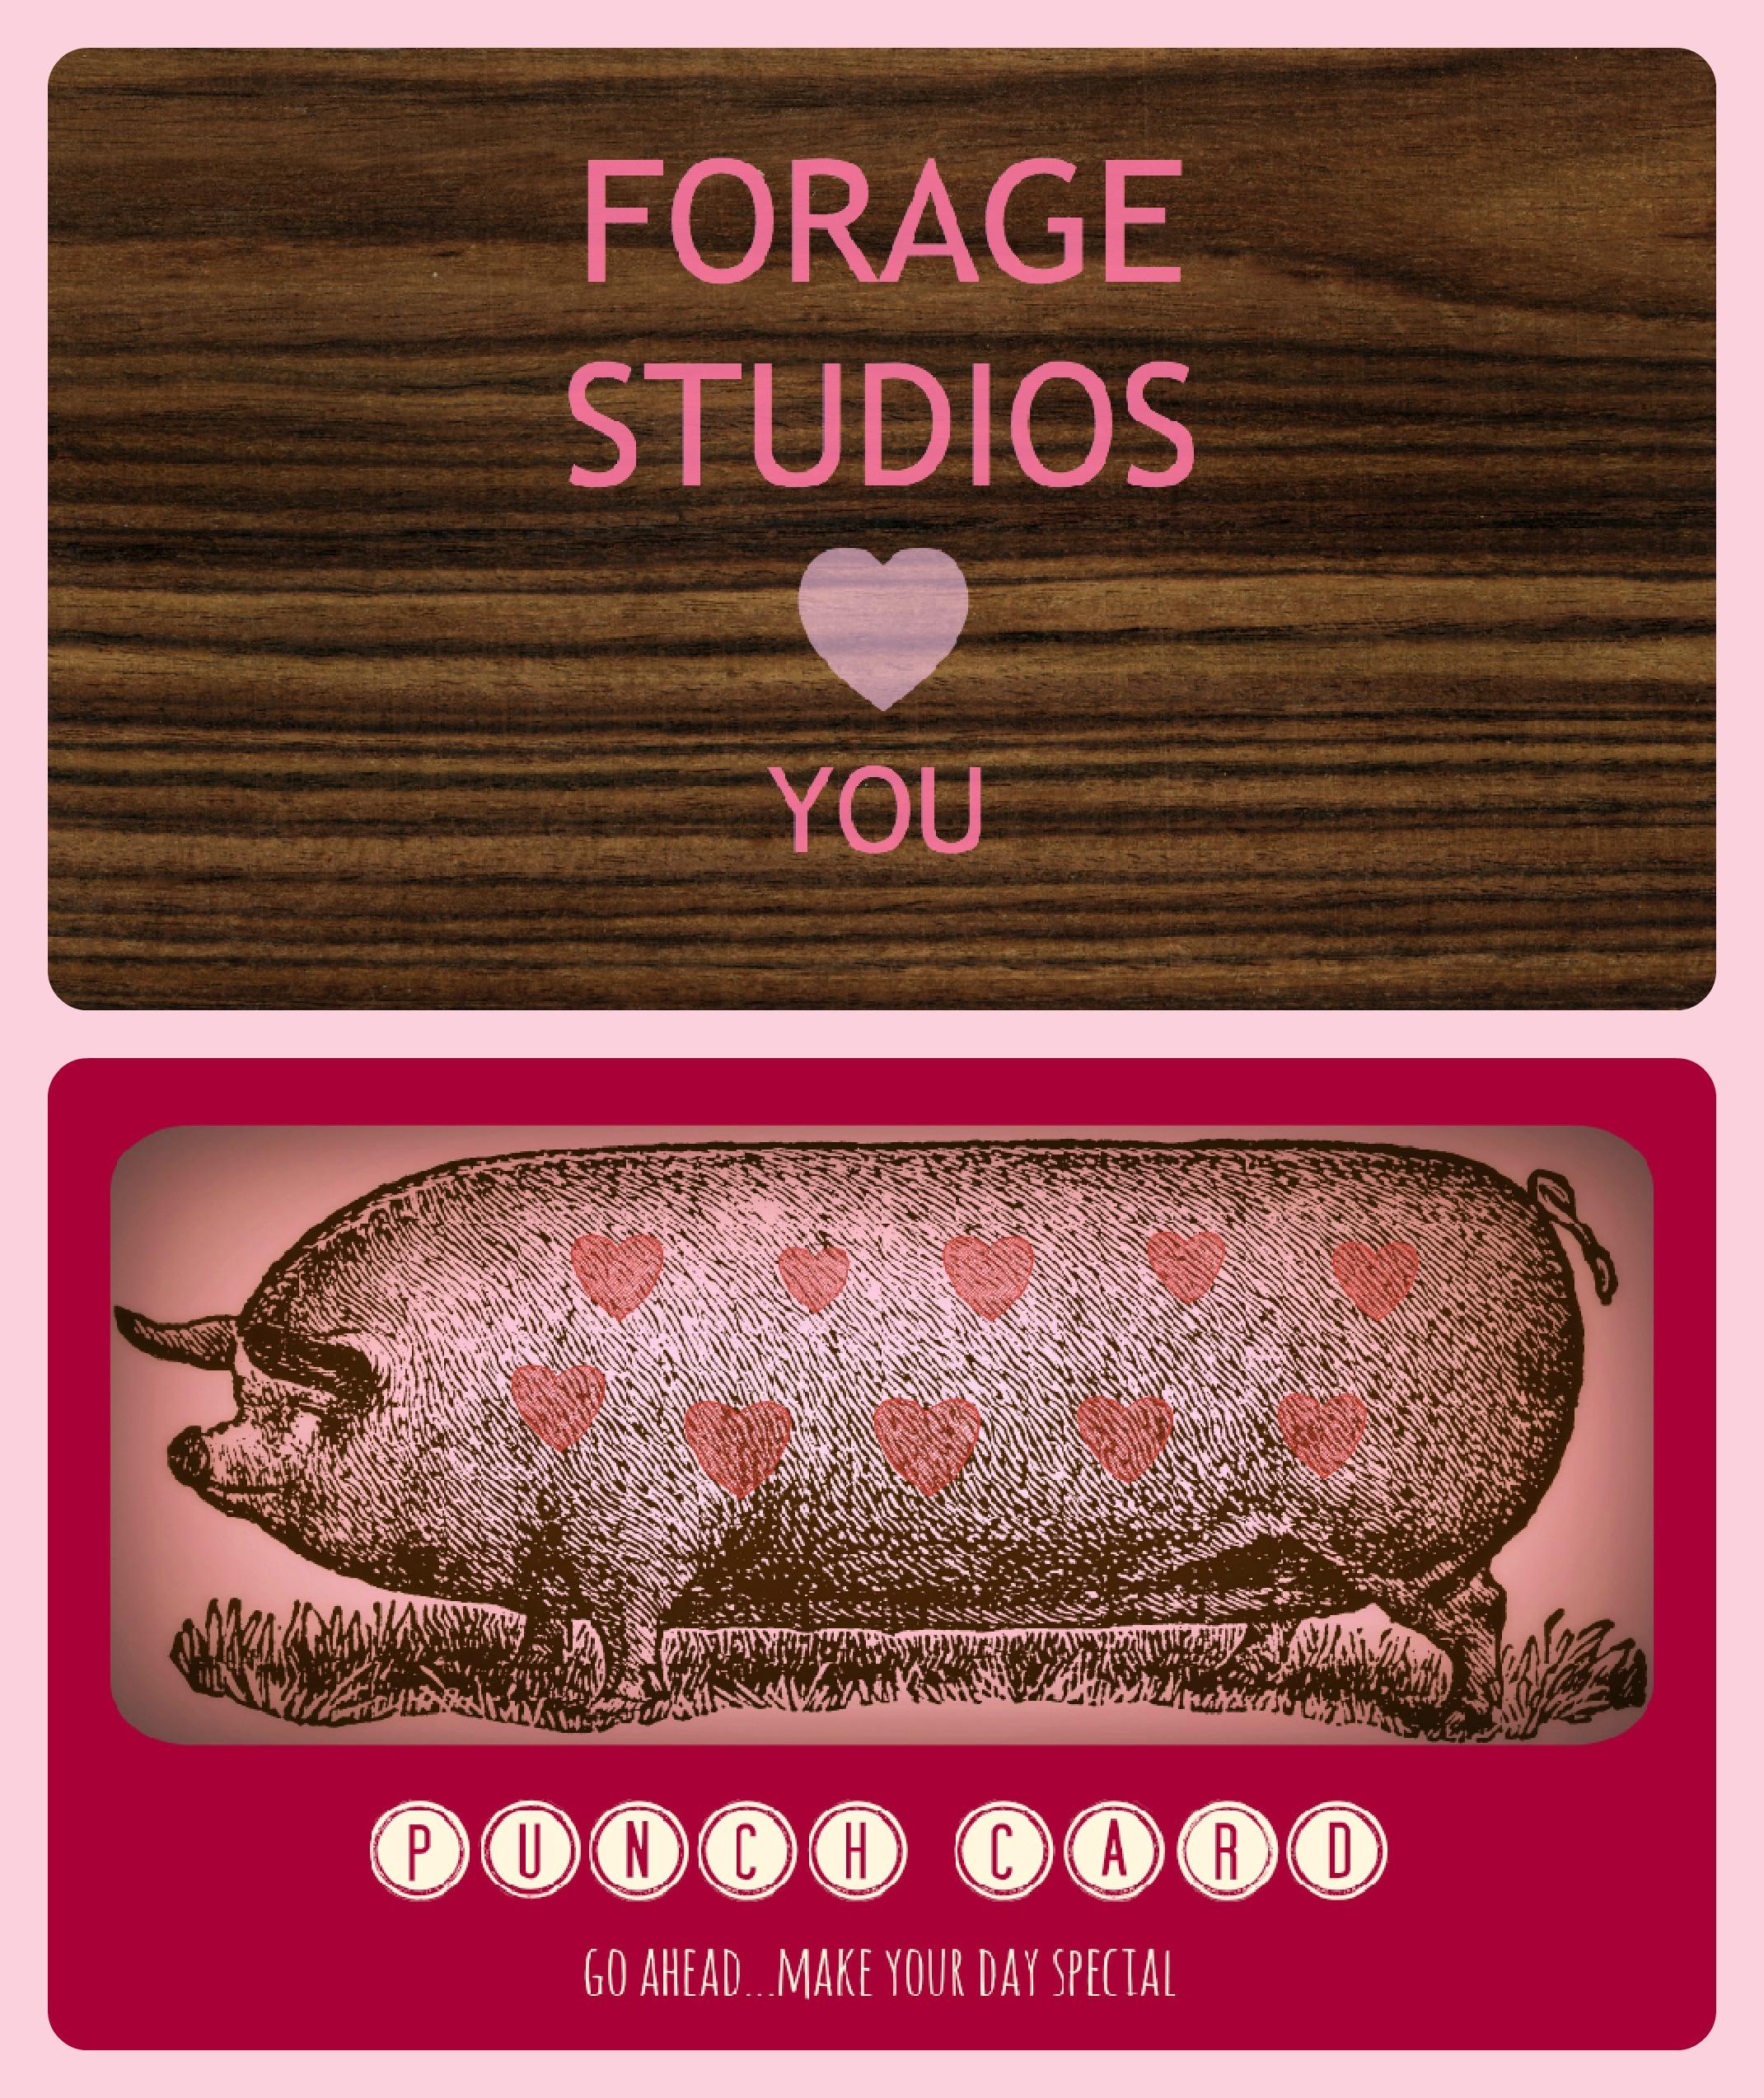 Forage Punch Card Ad.jpg